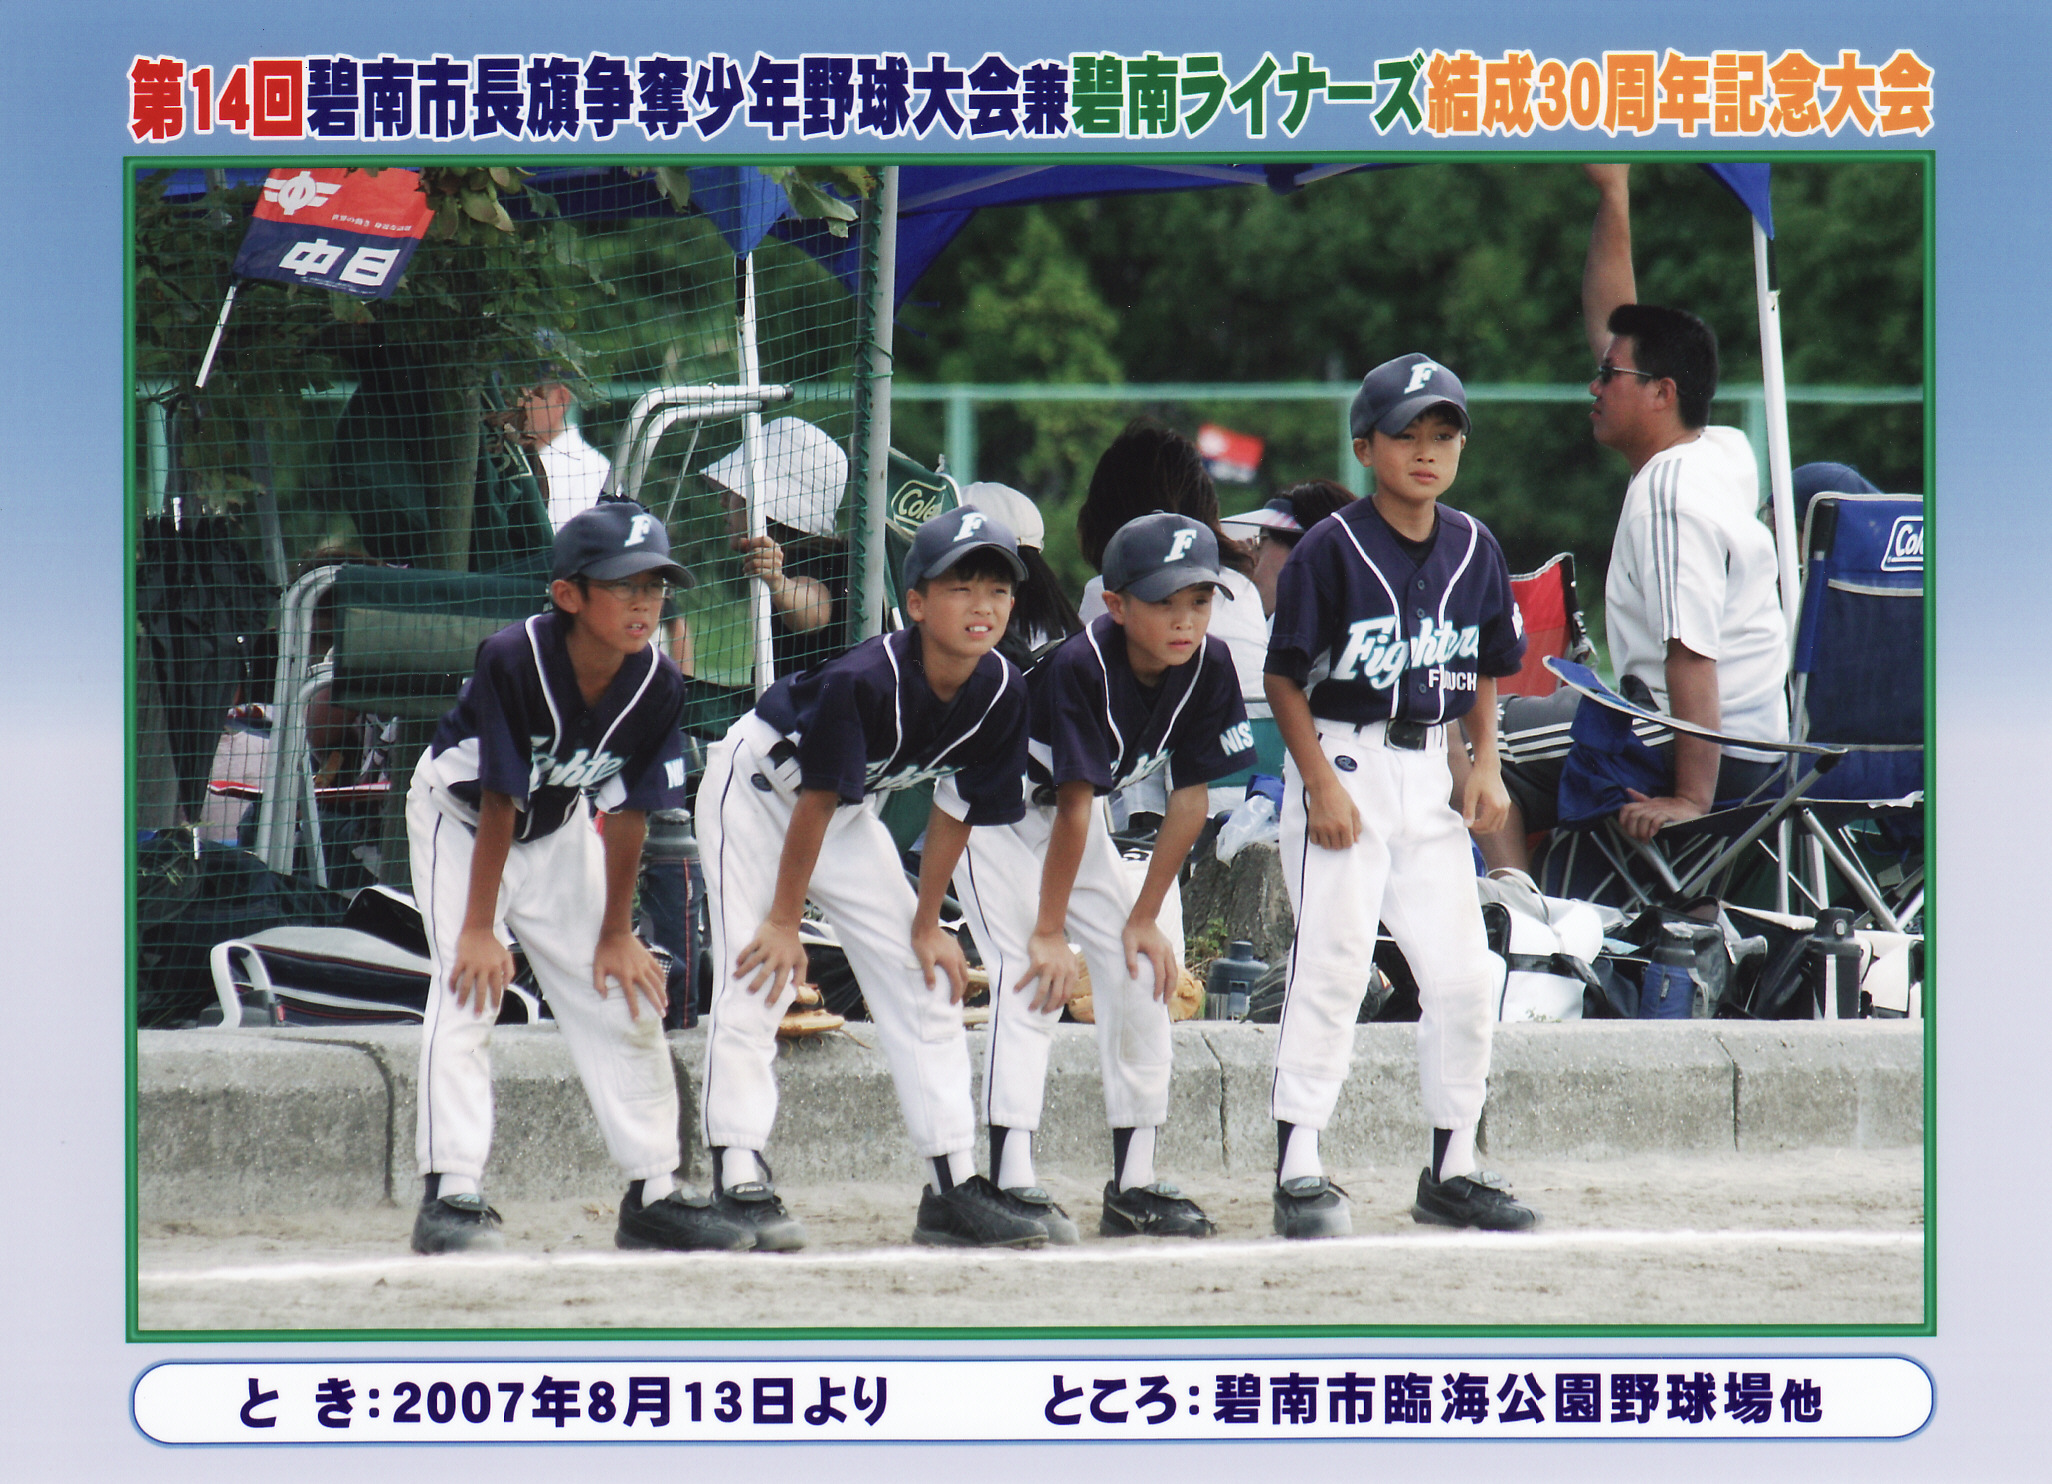 碧南市長期2007年8月_0001